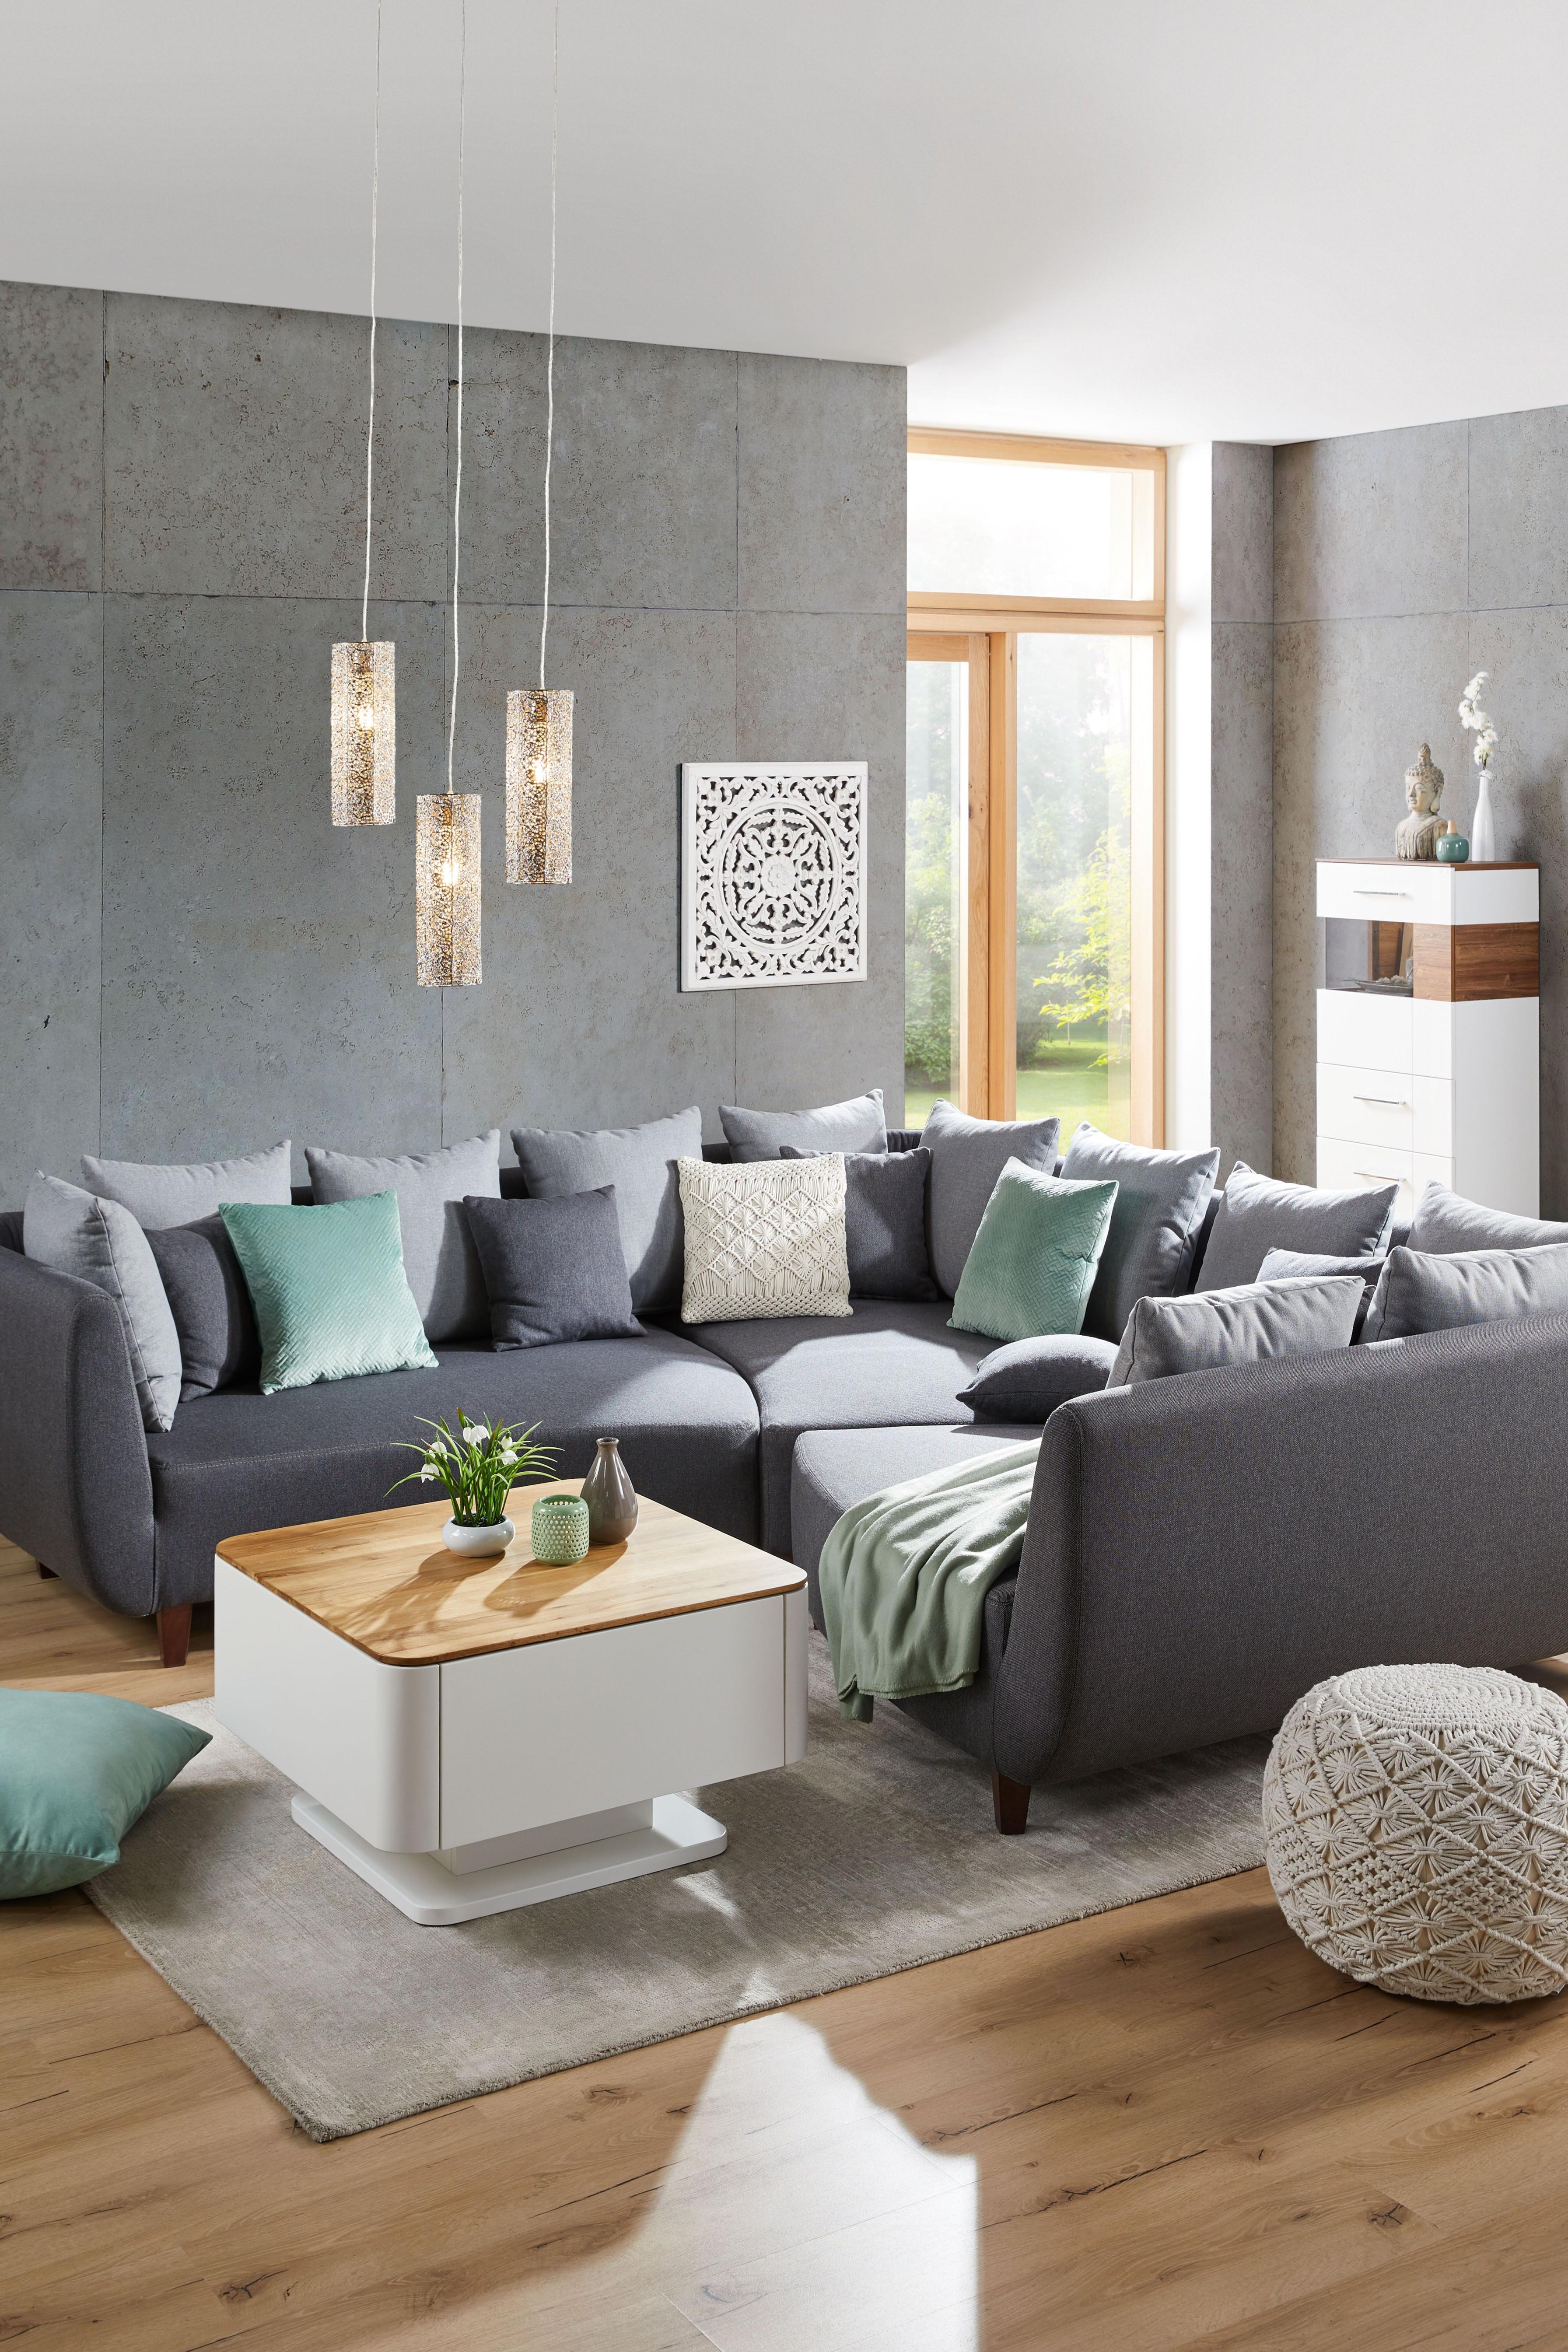 Sofaelement In Grau  Wohnzimmer Ideen Modern Graues Sofa von Sofa Ideen Wohnzimmer Bild